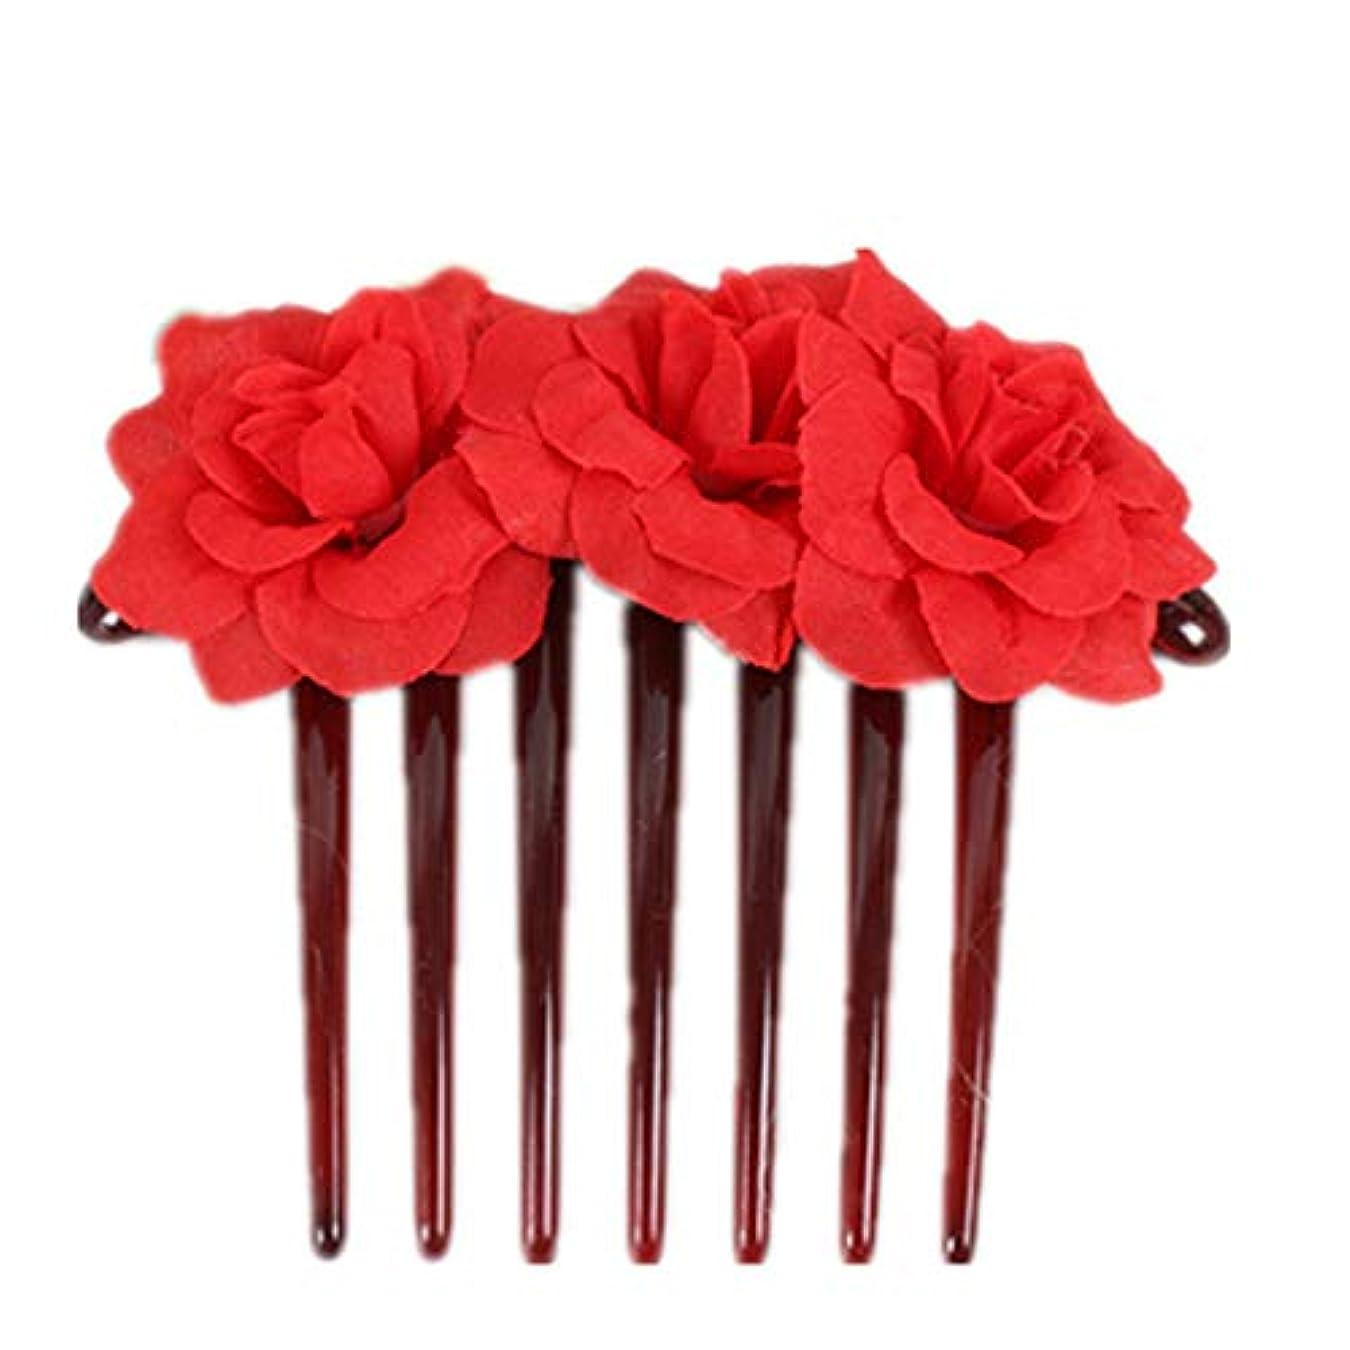 動作比べるビーム1st market プレミアム品質シミュレーション花花嫁の髪櫛頭飾りヘアピンクリップ櫛スタイリングアクセサリー、赤